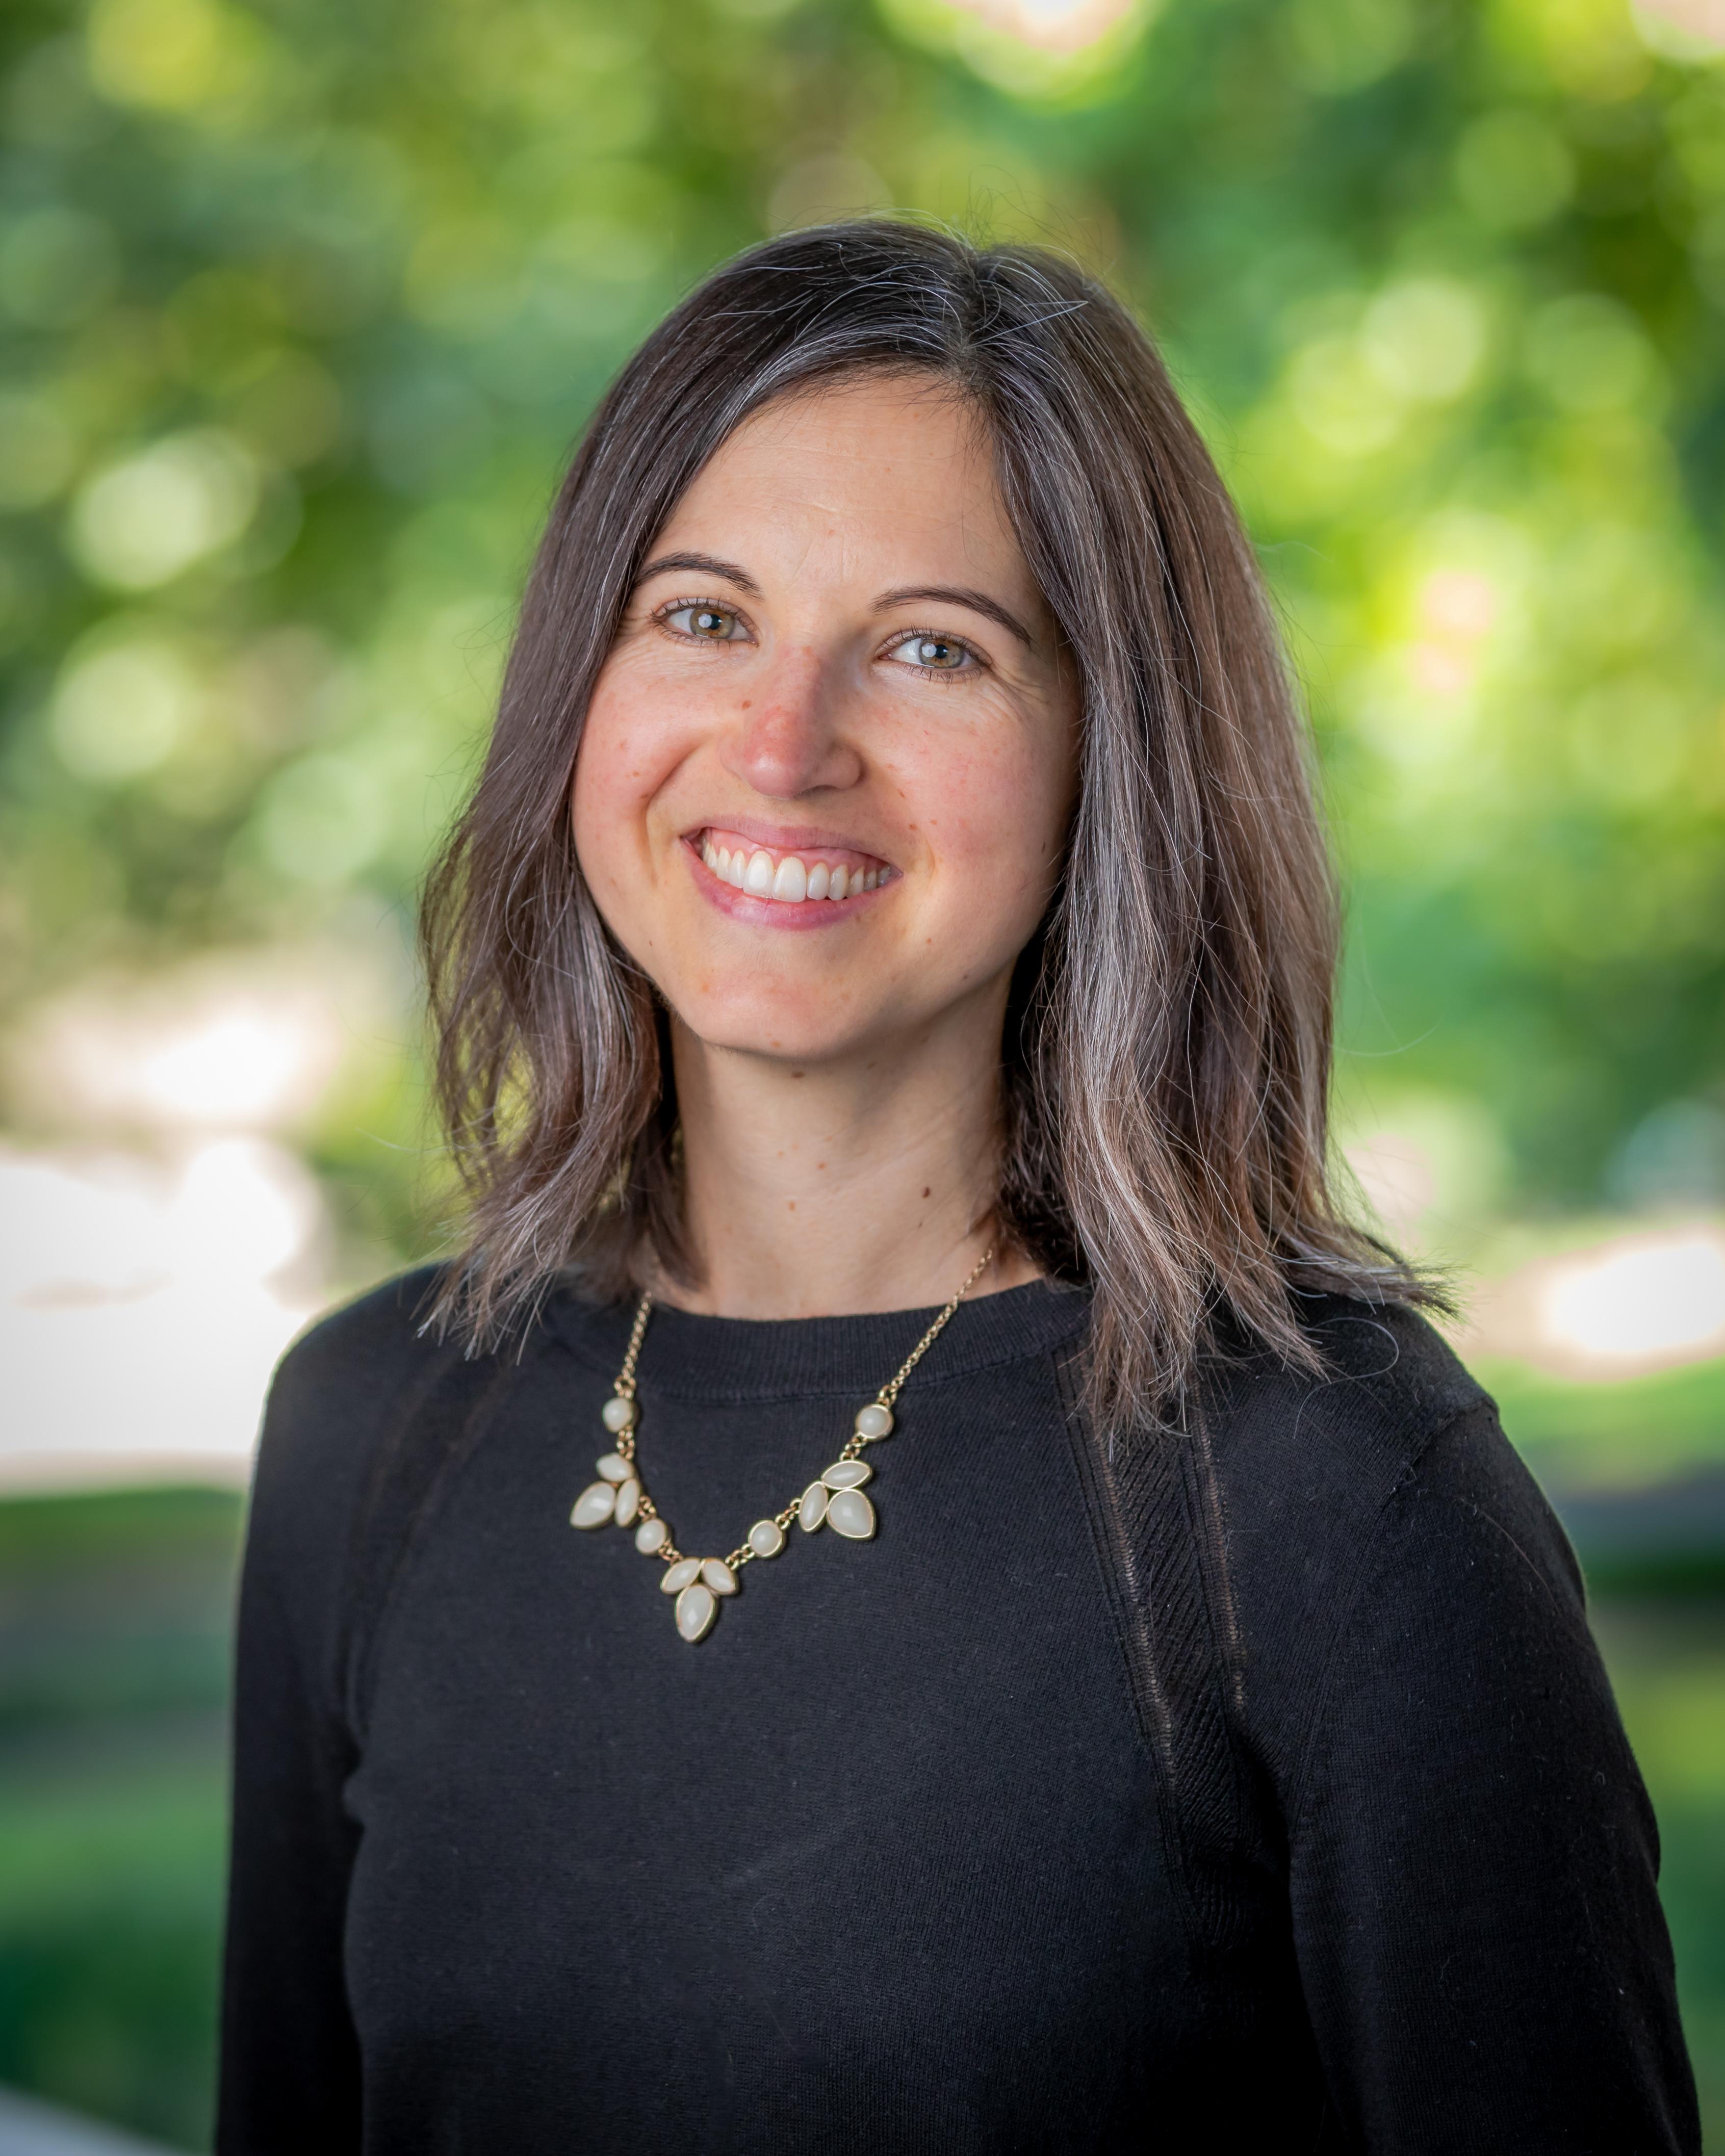 Headshot of Sarah Young